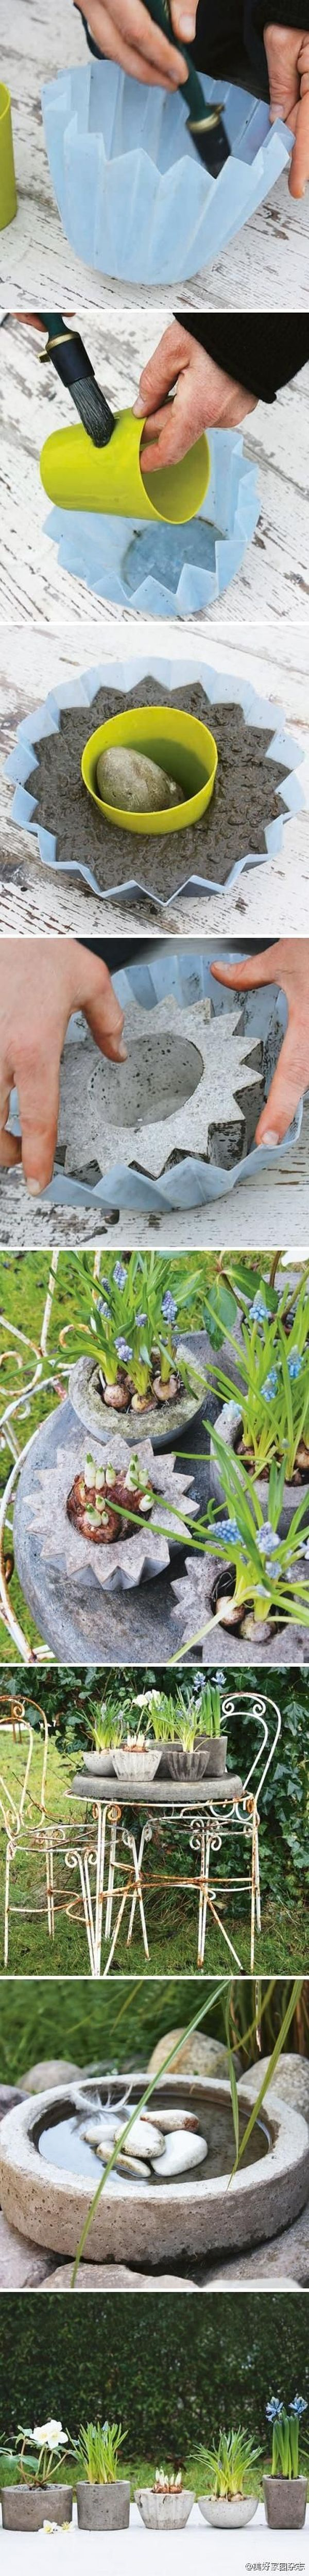 jardiniere 6